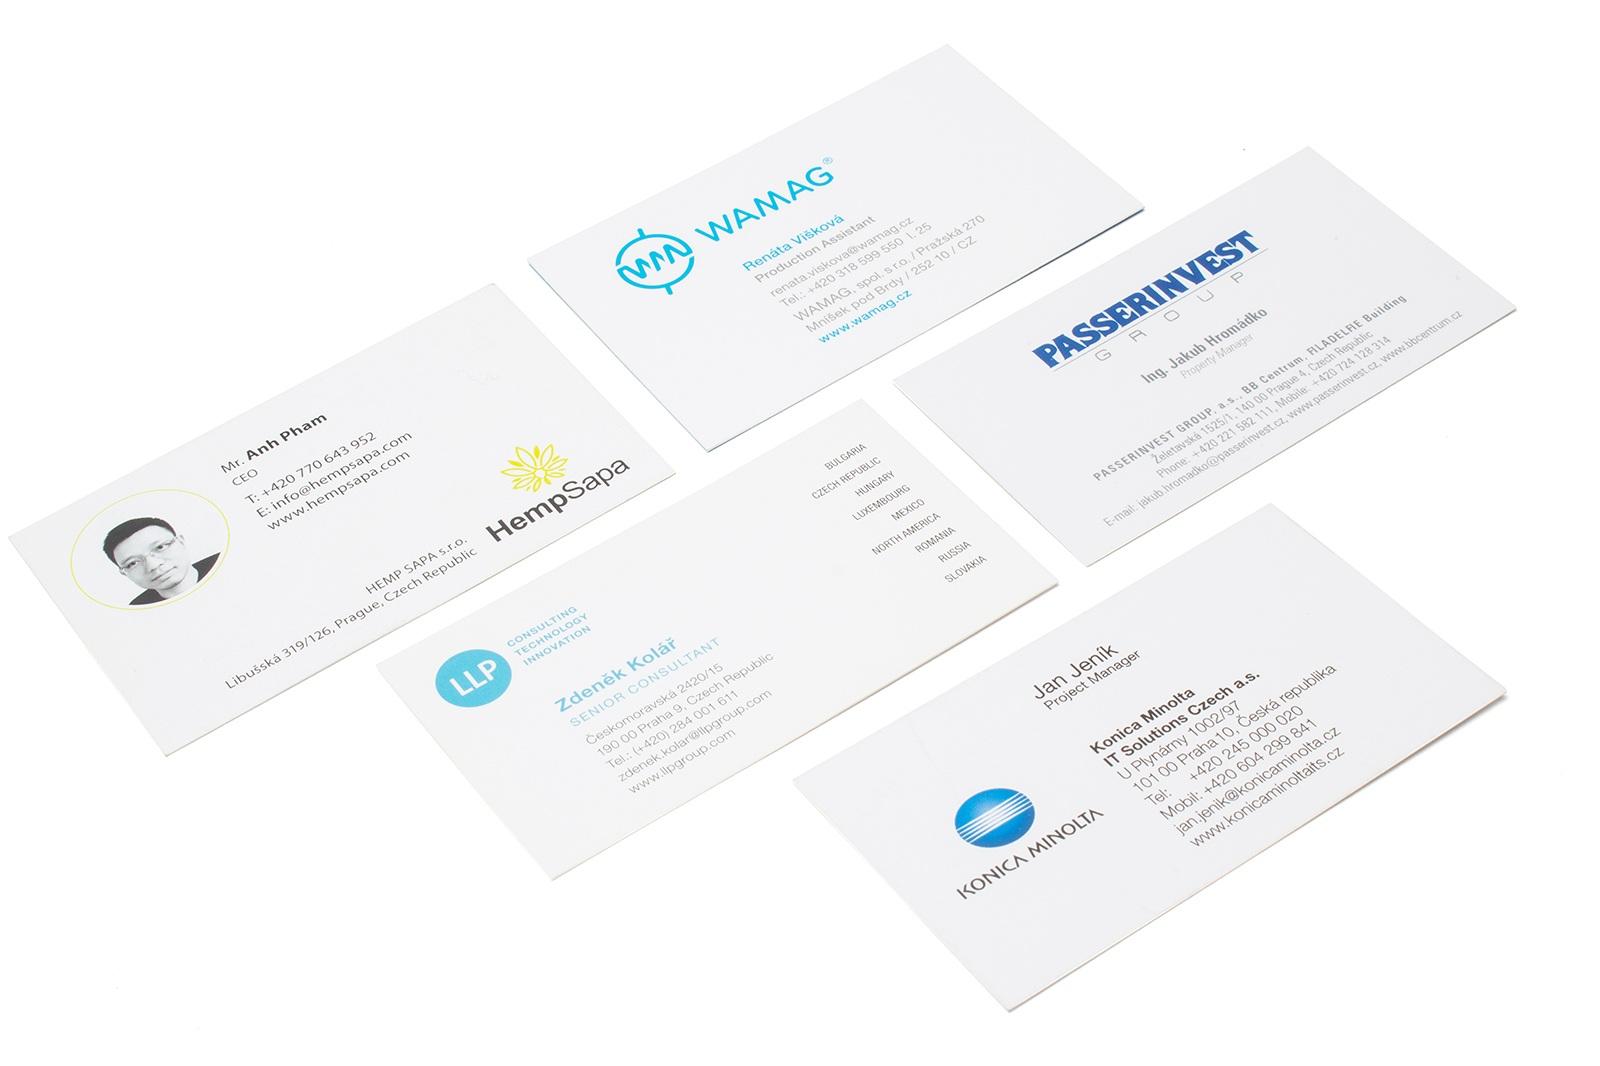 Běžné vizitky - Kvalitní vizitky tiskneme nejlepší digitální technologií HP Indigo, která je cenové nejvhodnější také pro tisk více druhů najednou. Standardní vizitky vyrábíme v nejvyšší možné gramáži 350g/m2 na matný, nebo lesklý křídový papír.